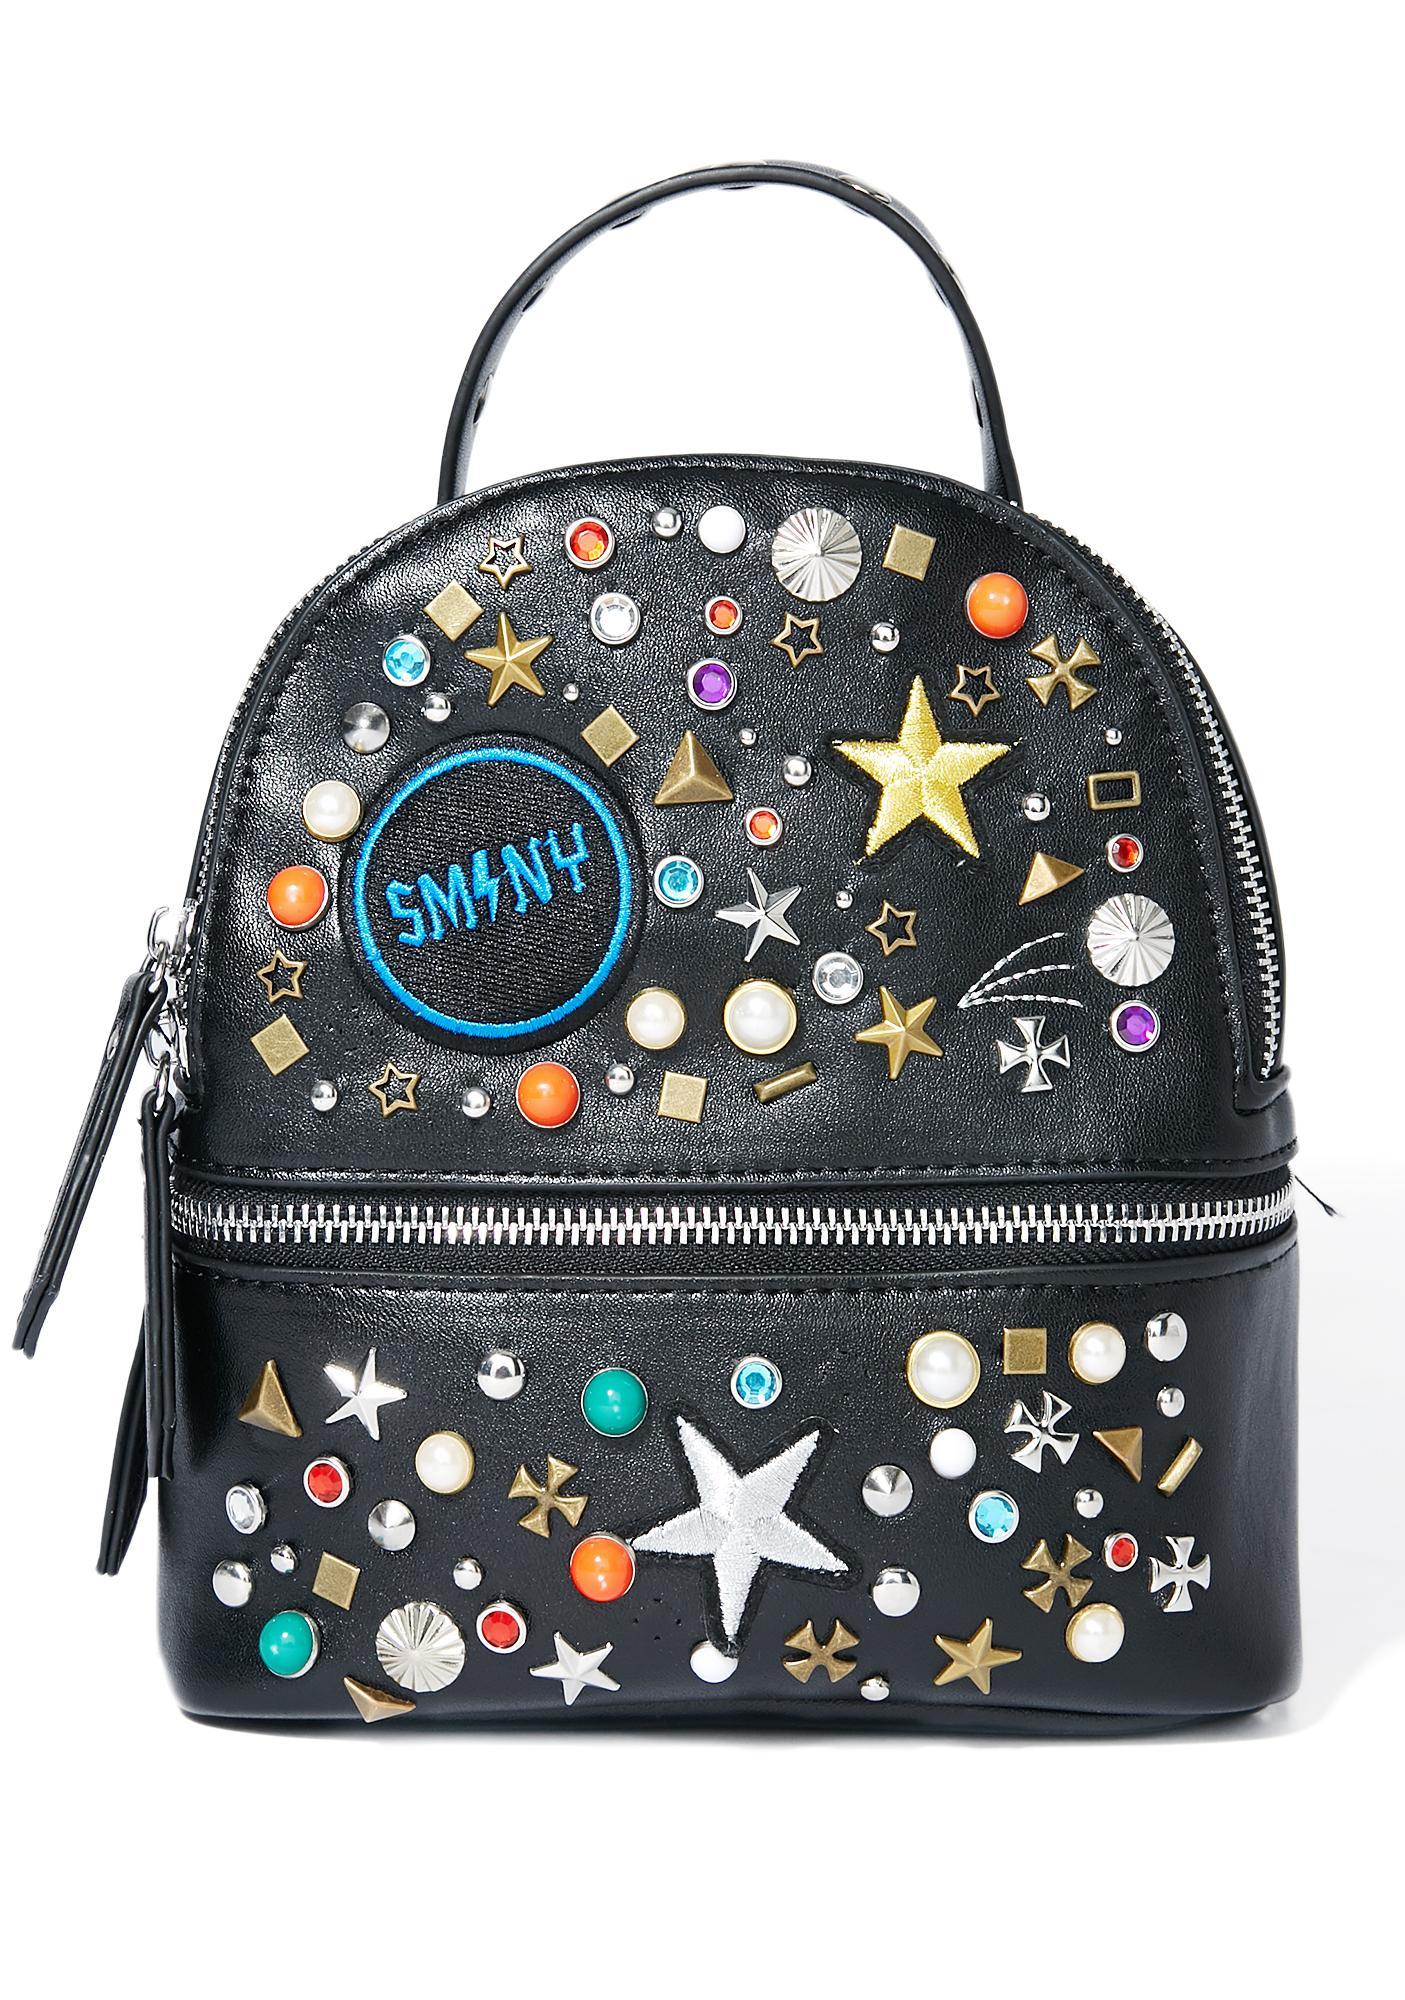 5971d48f3c0 Steve Madden Tasha Mini Backpack